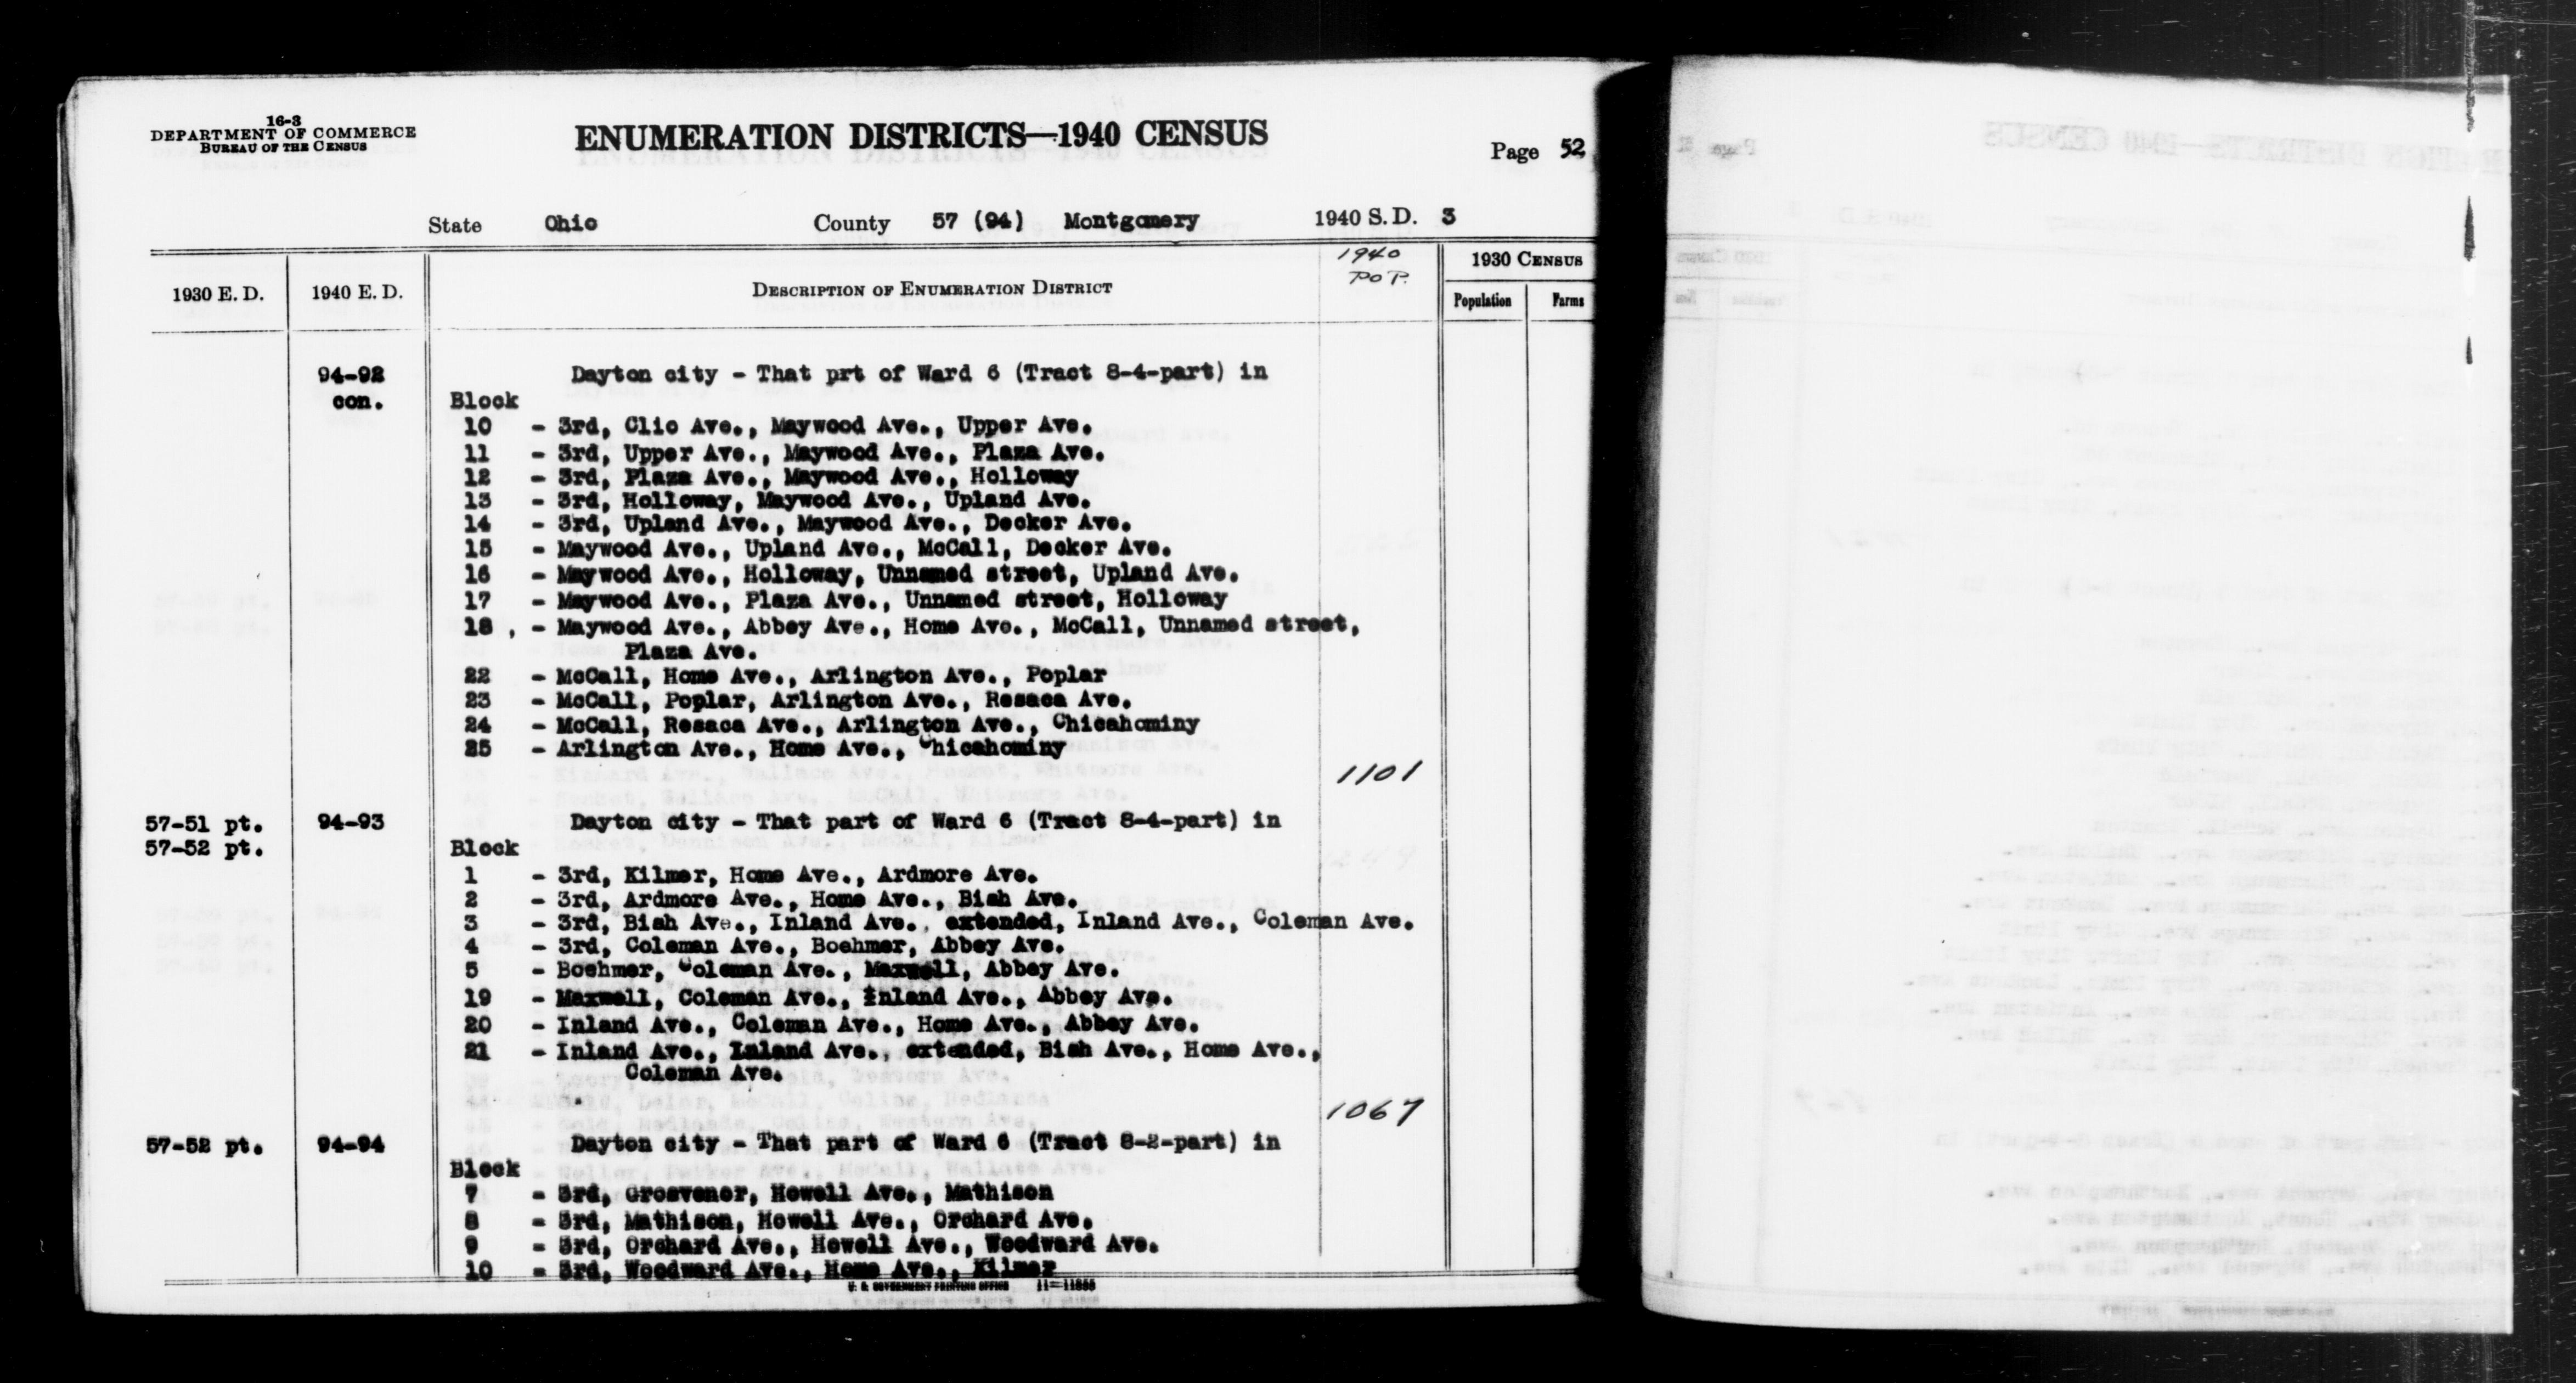 1940 Census Enumeration District Descriptions - Ohio - Montgomery County - ED 94-92, ED 94-93, ED 94-94